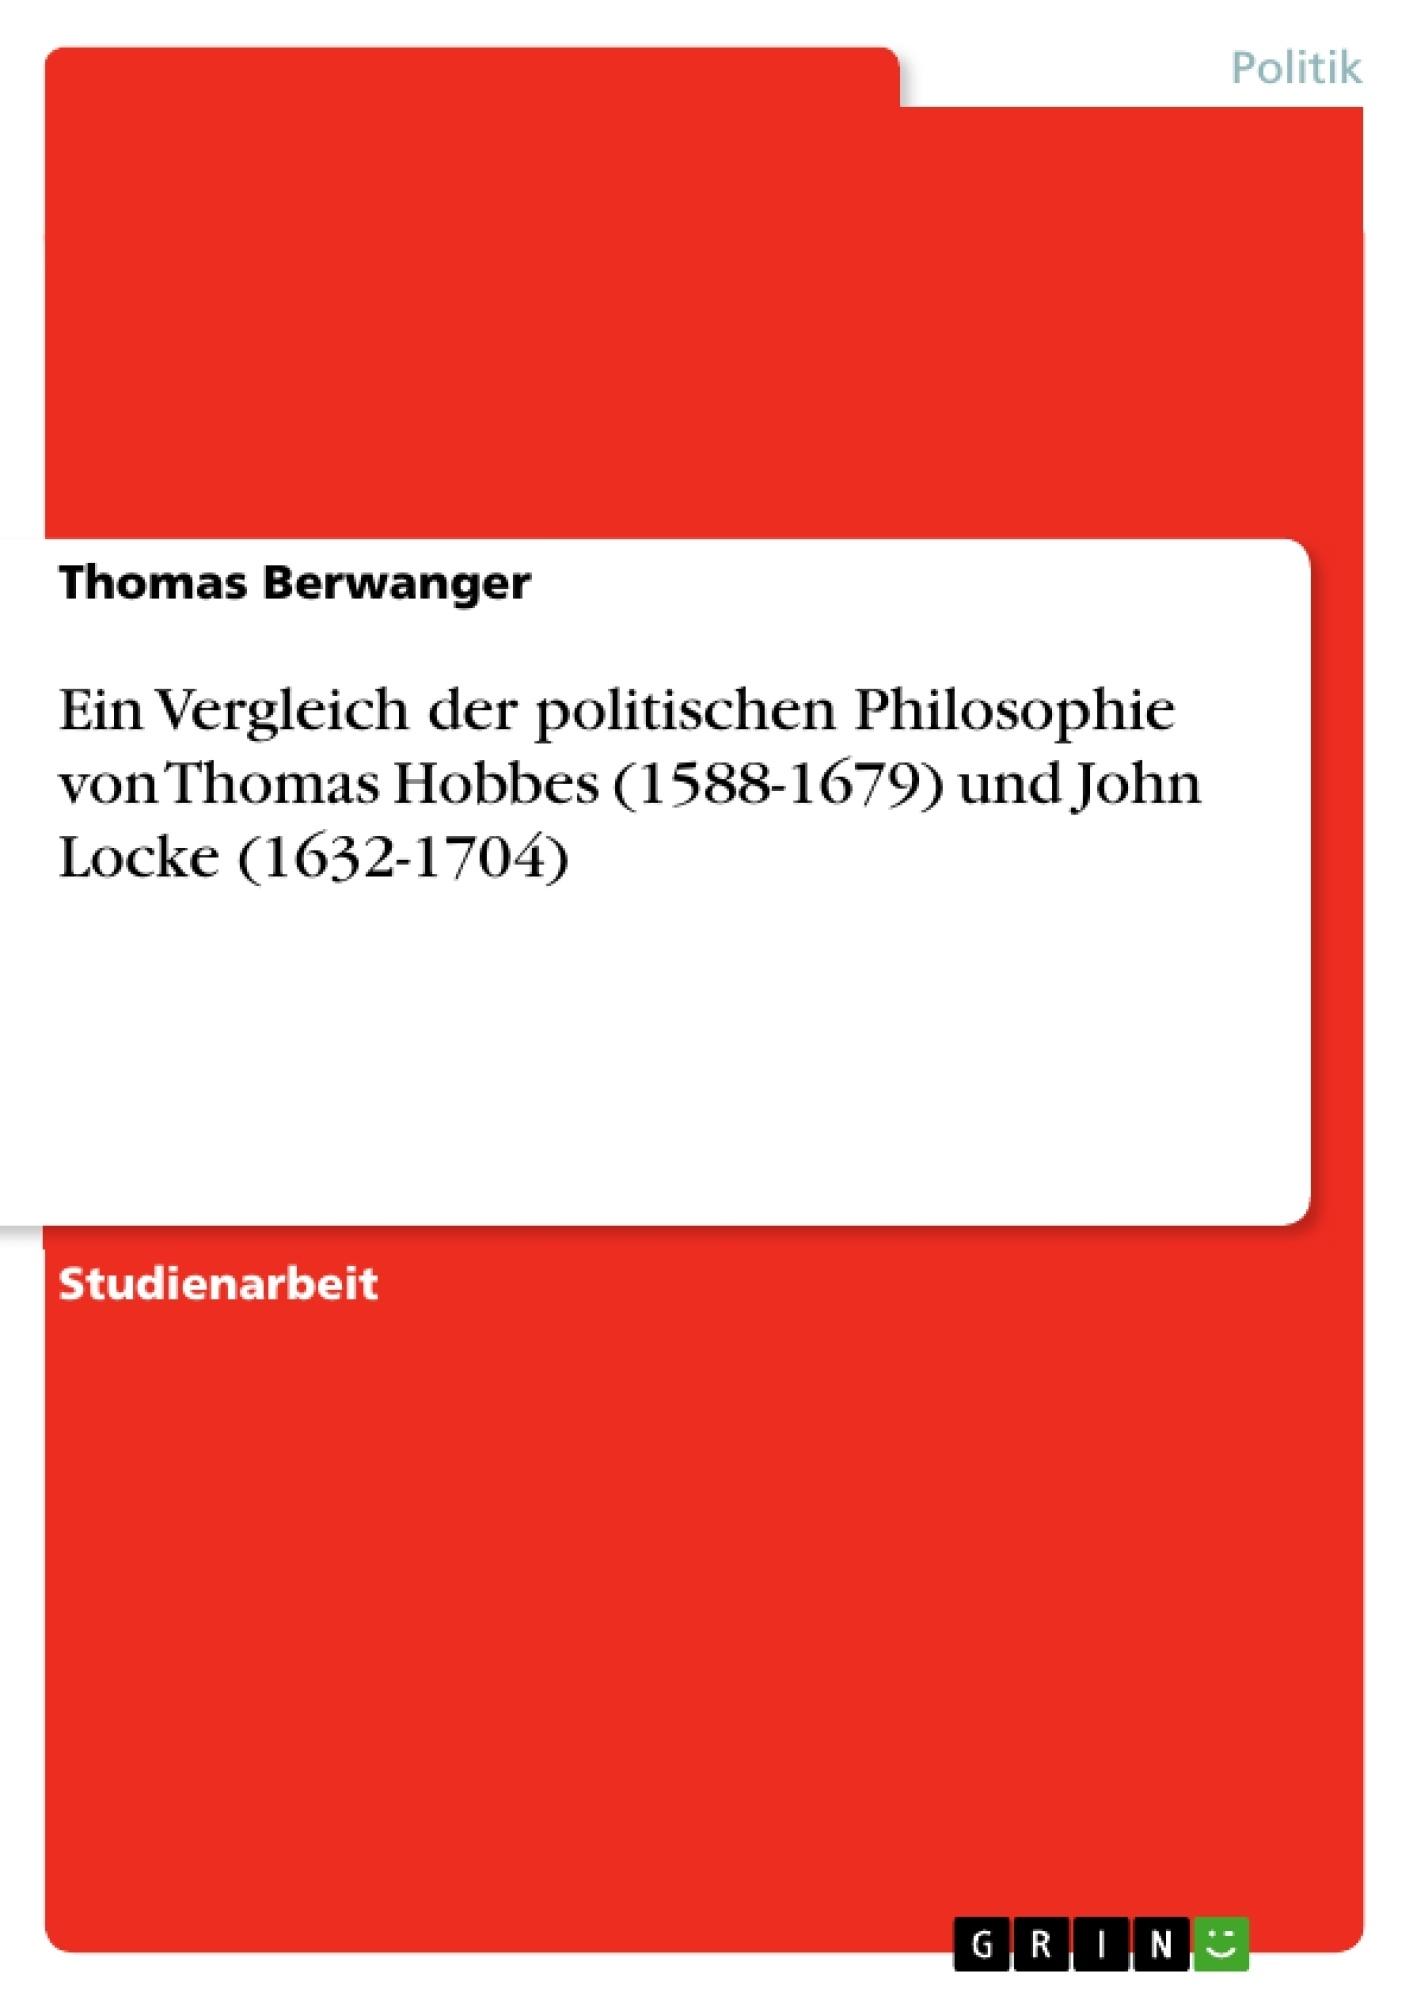 Titel: Ein Vergleich der politischen Philosophie von Thomas Hobbes (1588-1679) und John Locke (1632-1704)